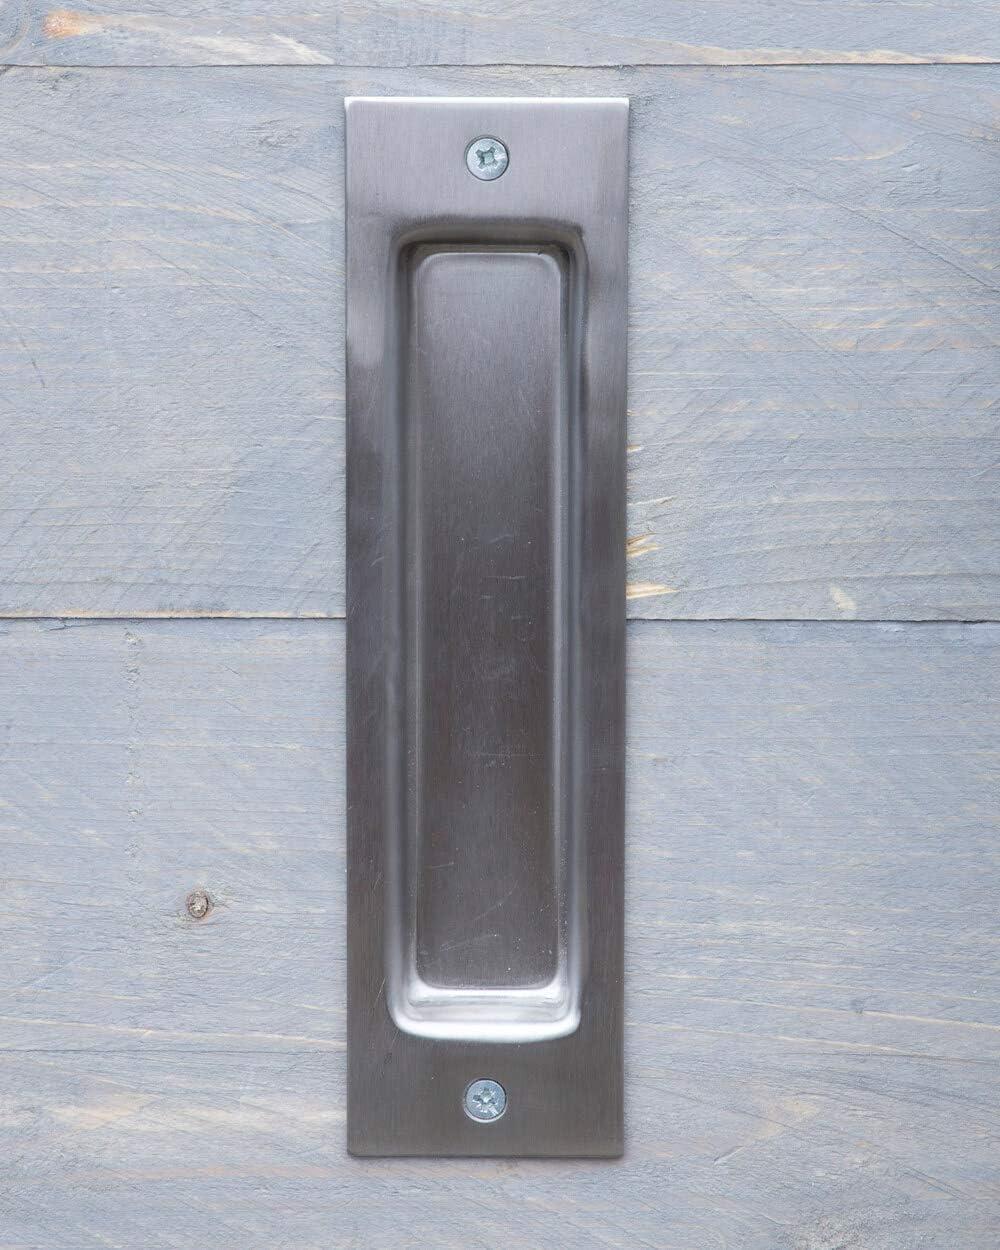 Tirador de puerta de acero inoxidable para puertas correderas y puertas: Amazon.es: Bricolaje y herramientas